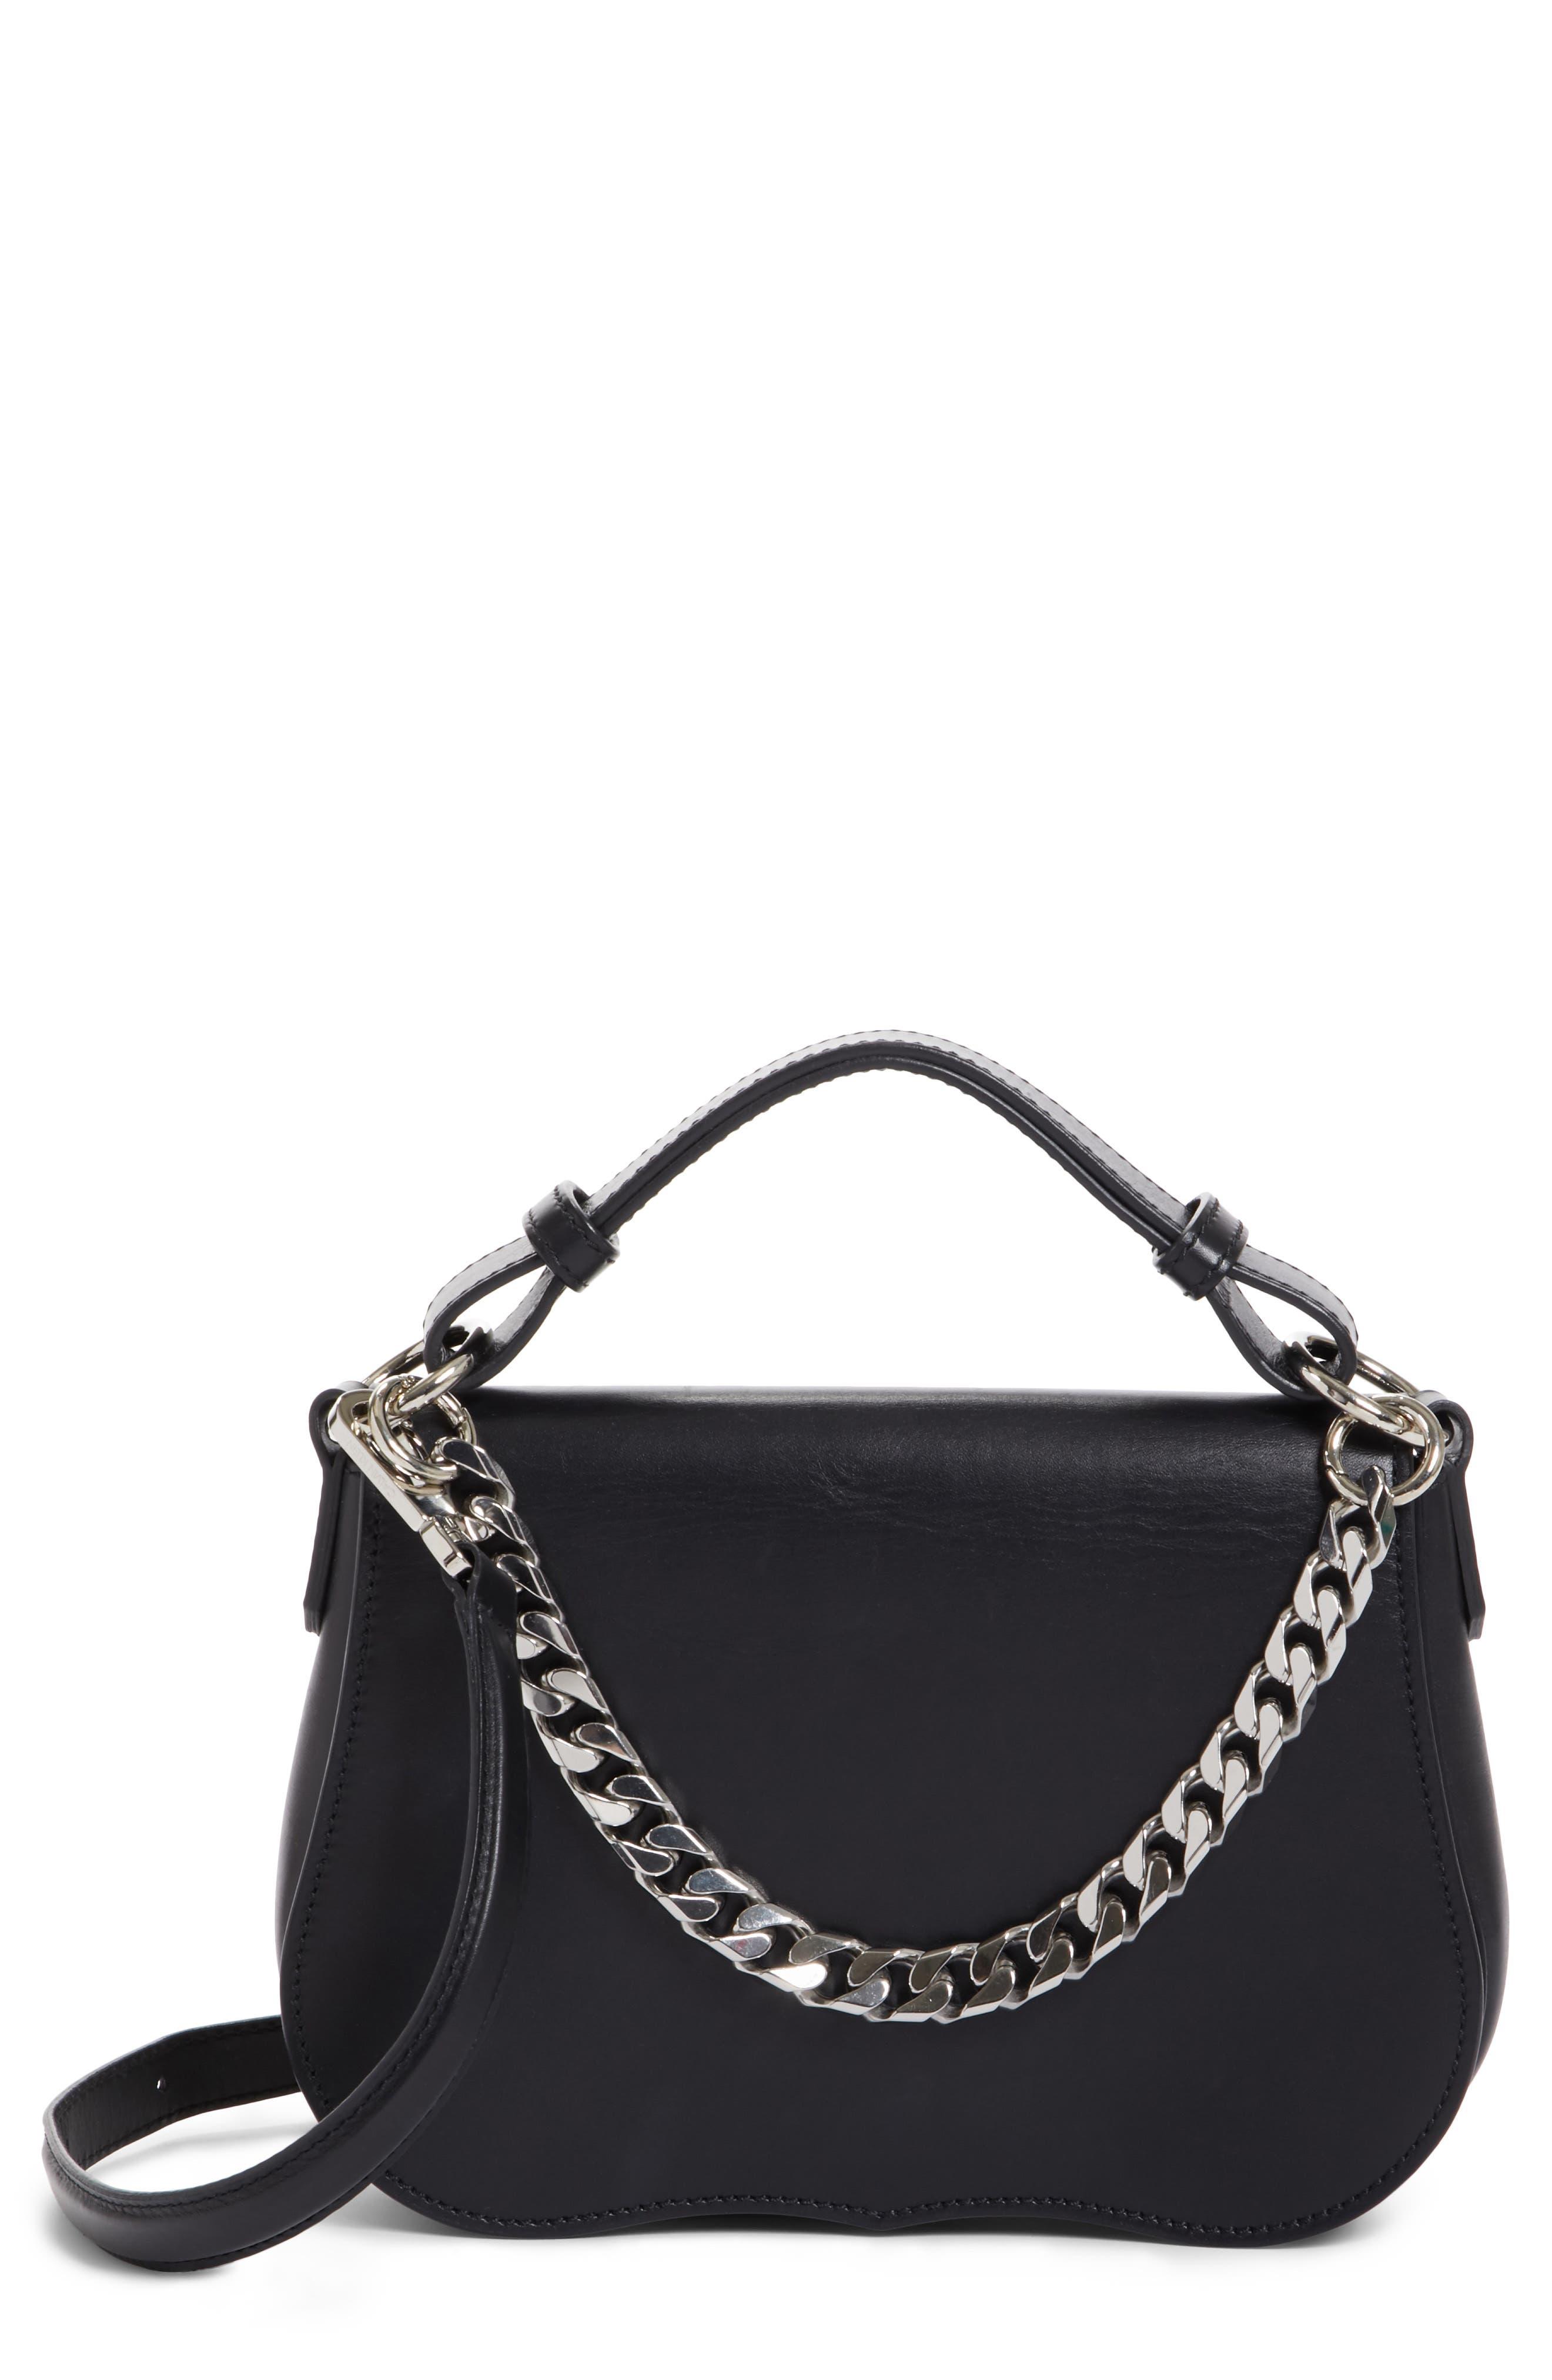 Small Calfskin Shoulder Bag,                             Main thumbnail 1, color,                             Black